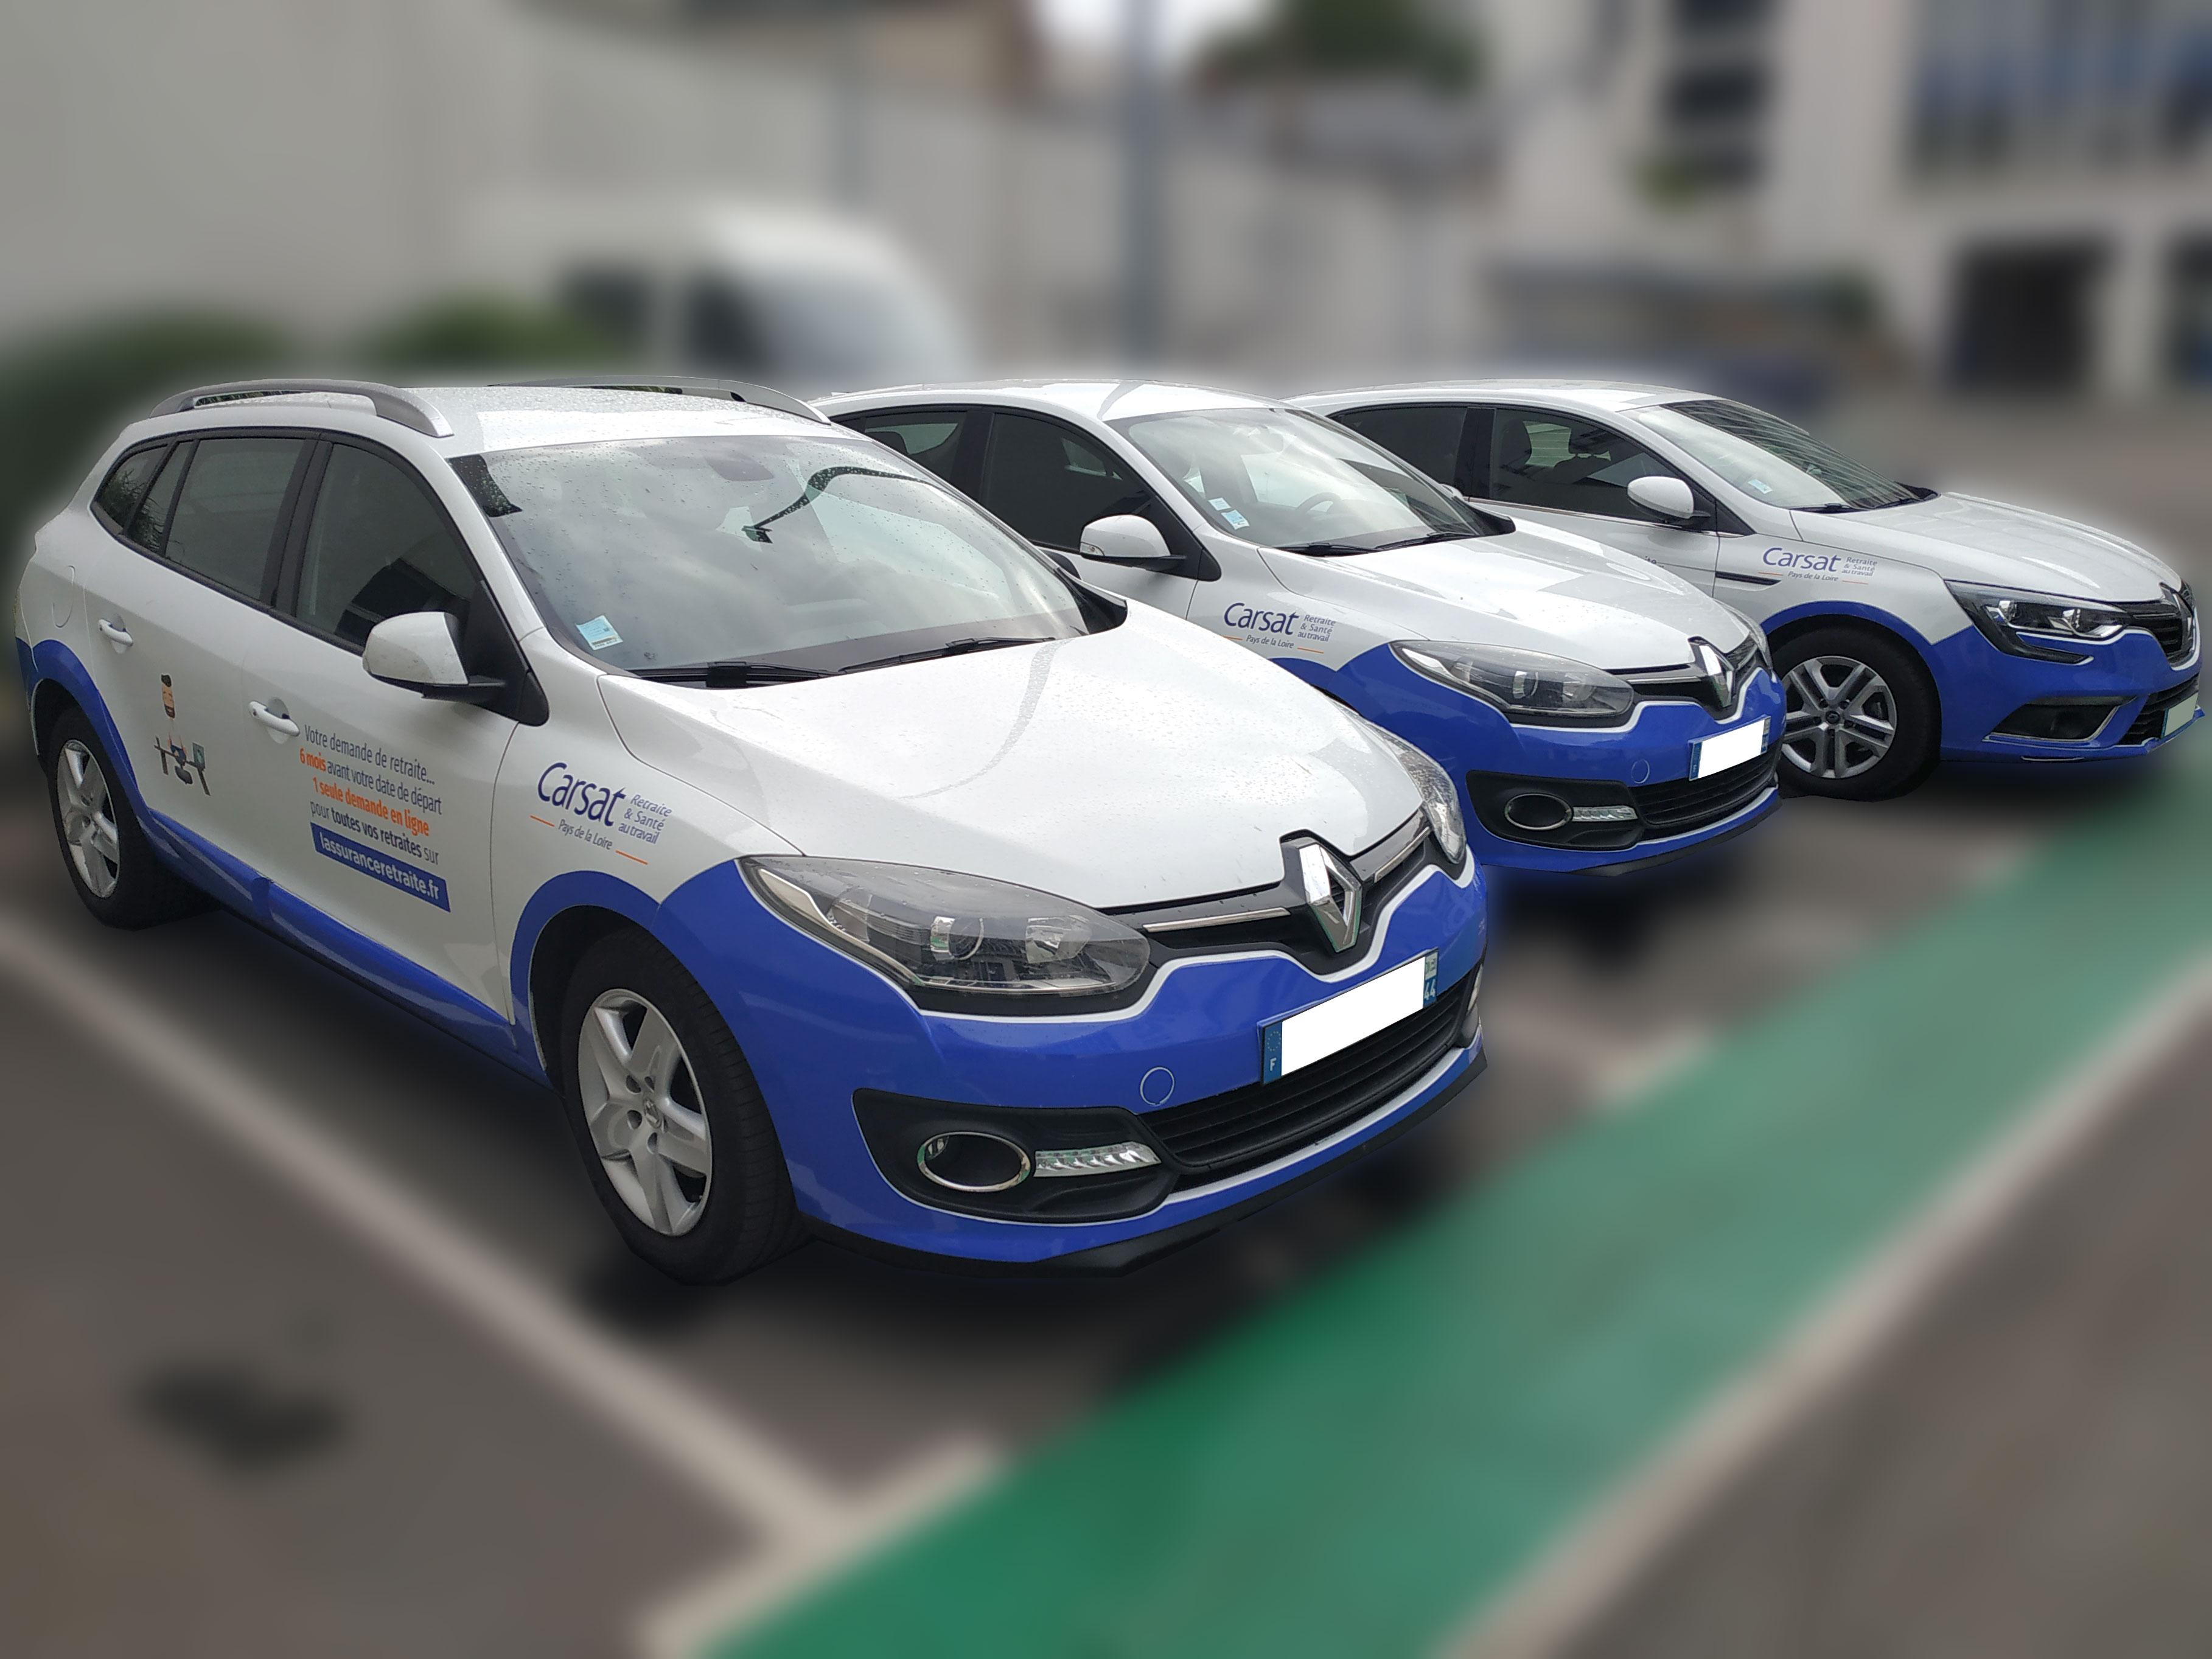 Semi covering voitures de fonction